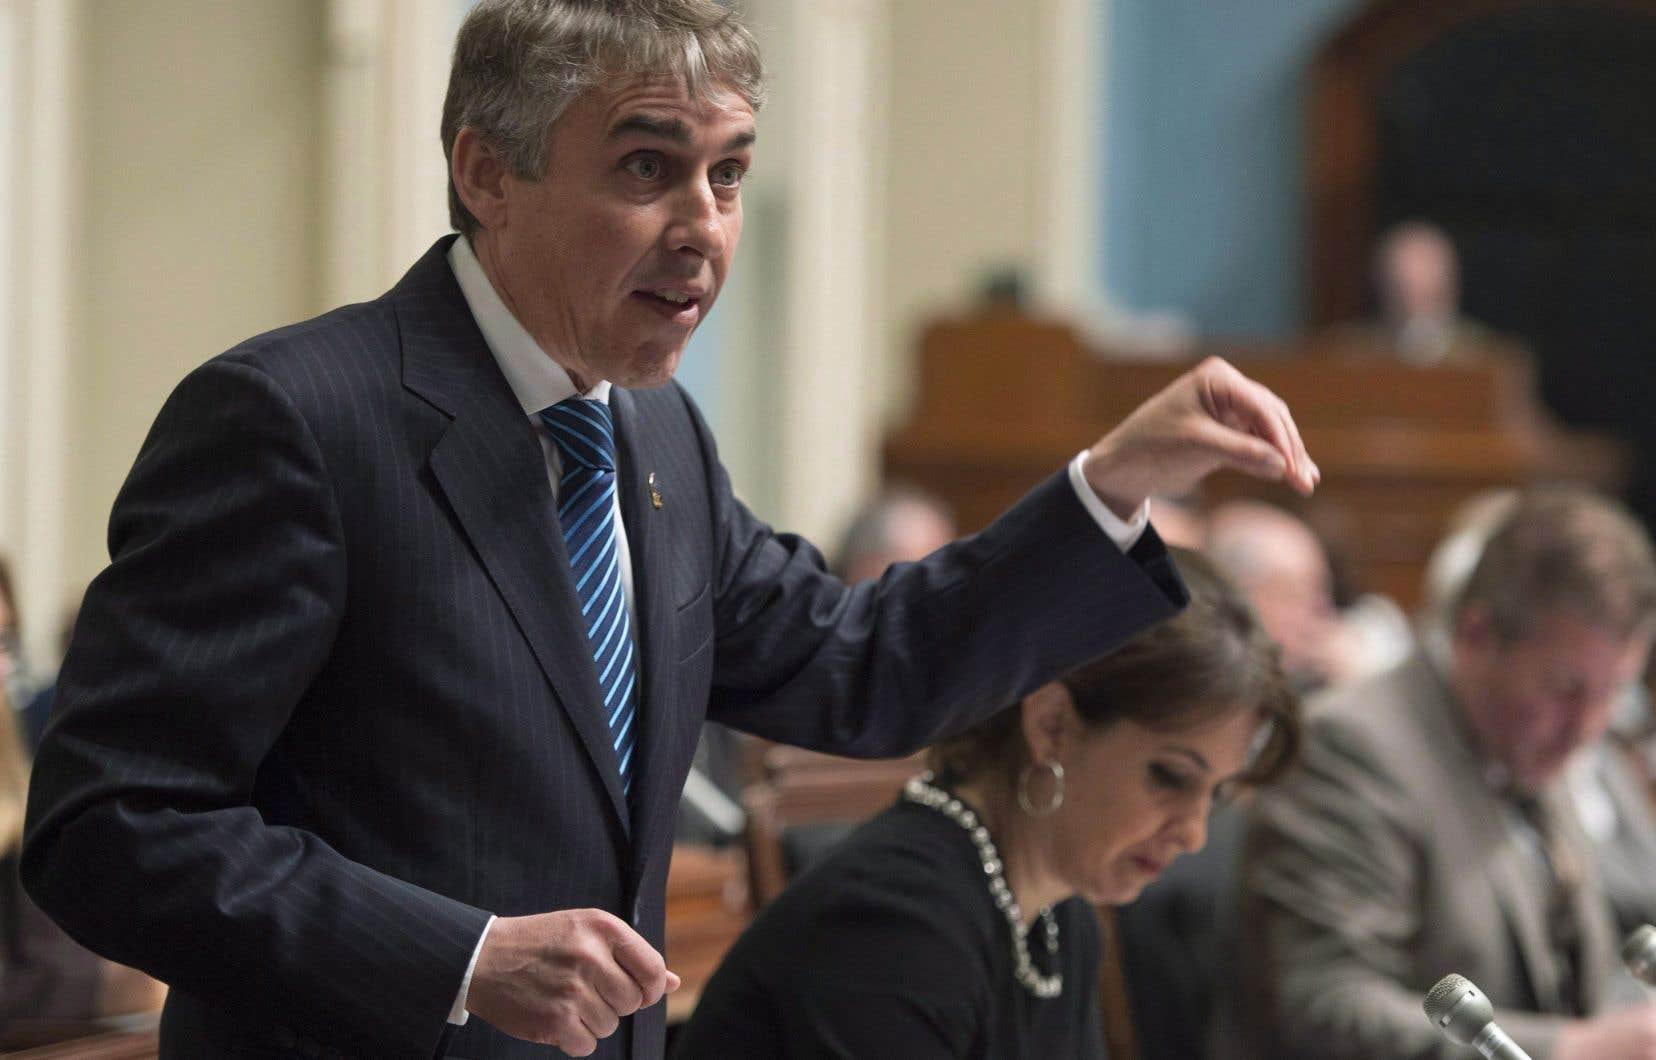 Le porte-parole du Parti québécois en finances, Nicolas Marceau, soupçonne le gouvernement Couillard de fermer les yeux sur les paradis fiscaux en raison de ses accointances avec des amis du parti qui y ont recours.